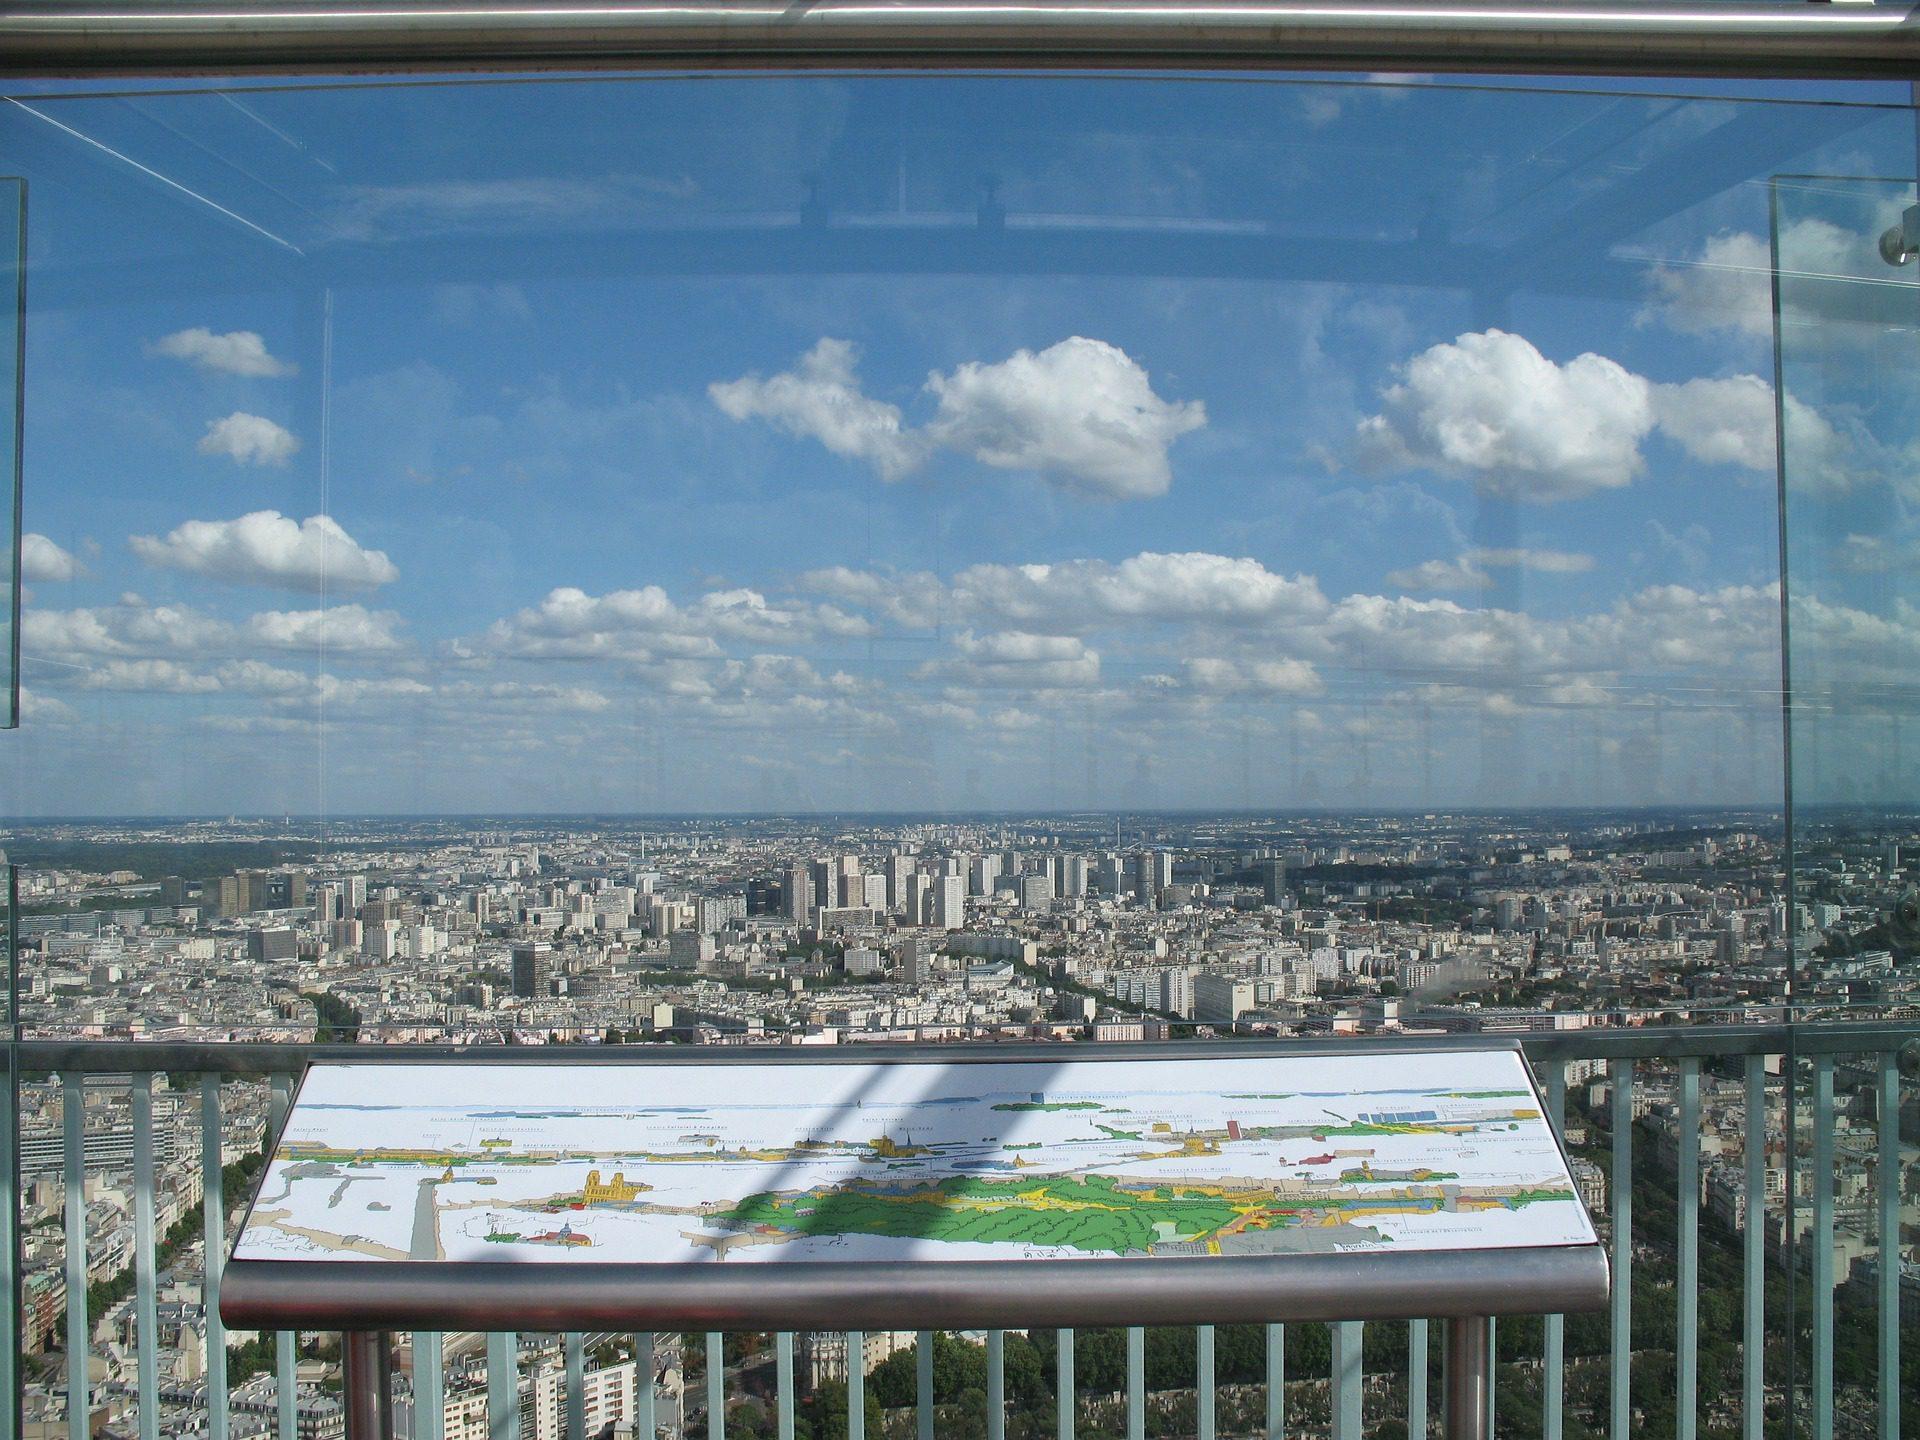 Montparnesse Tower & Observation Deck, Paris